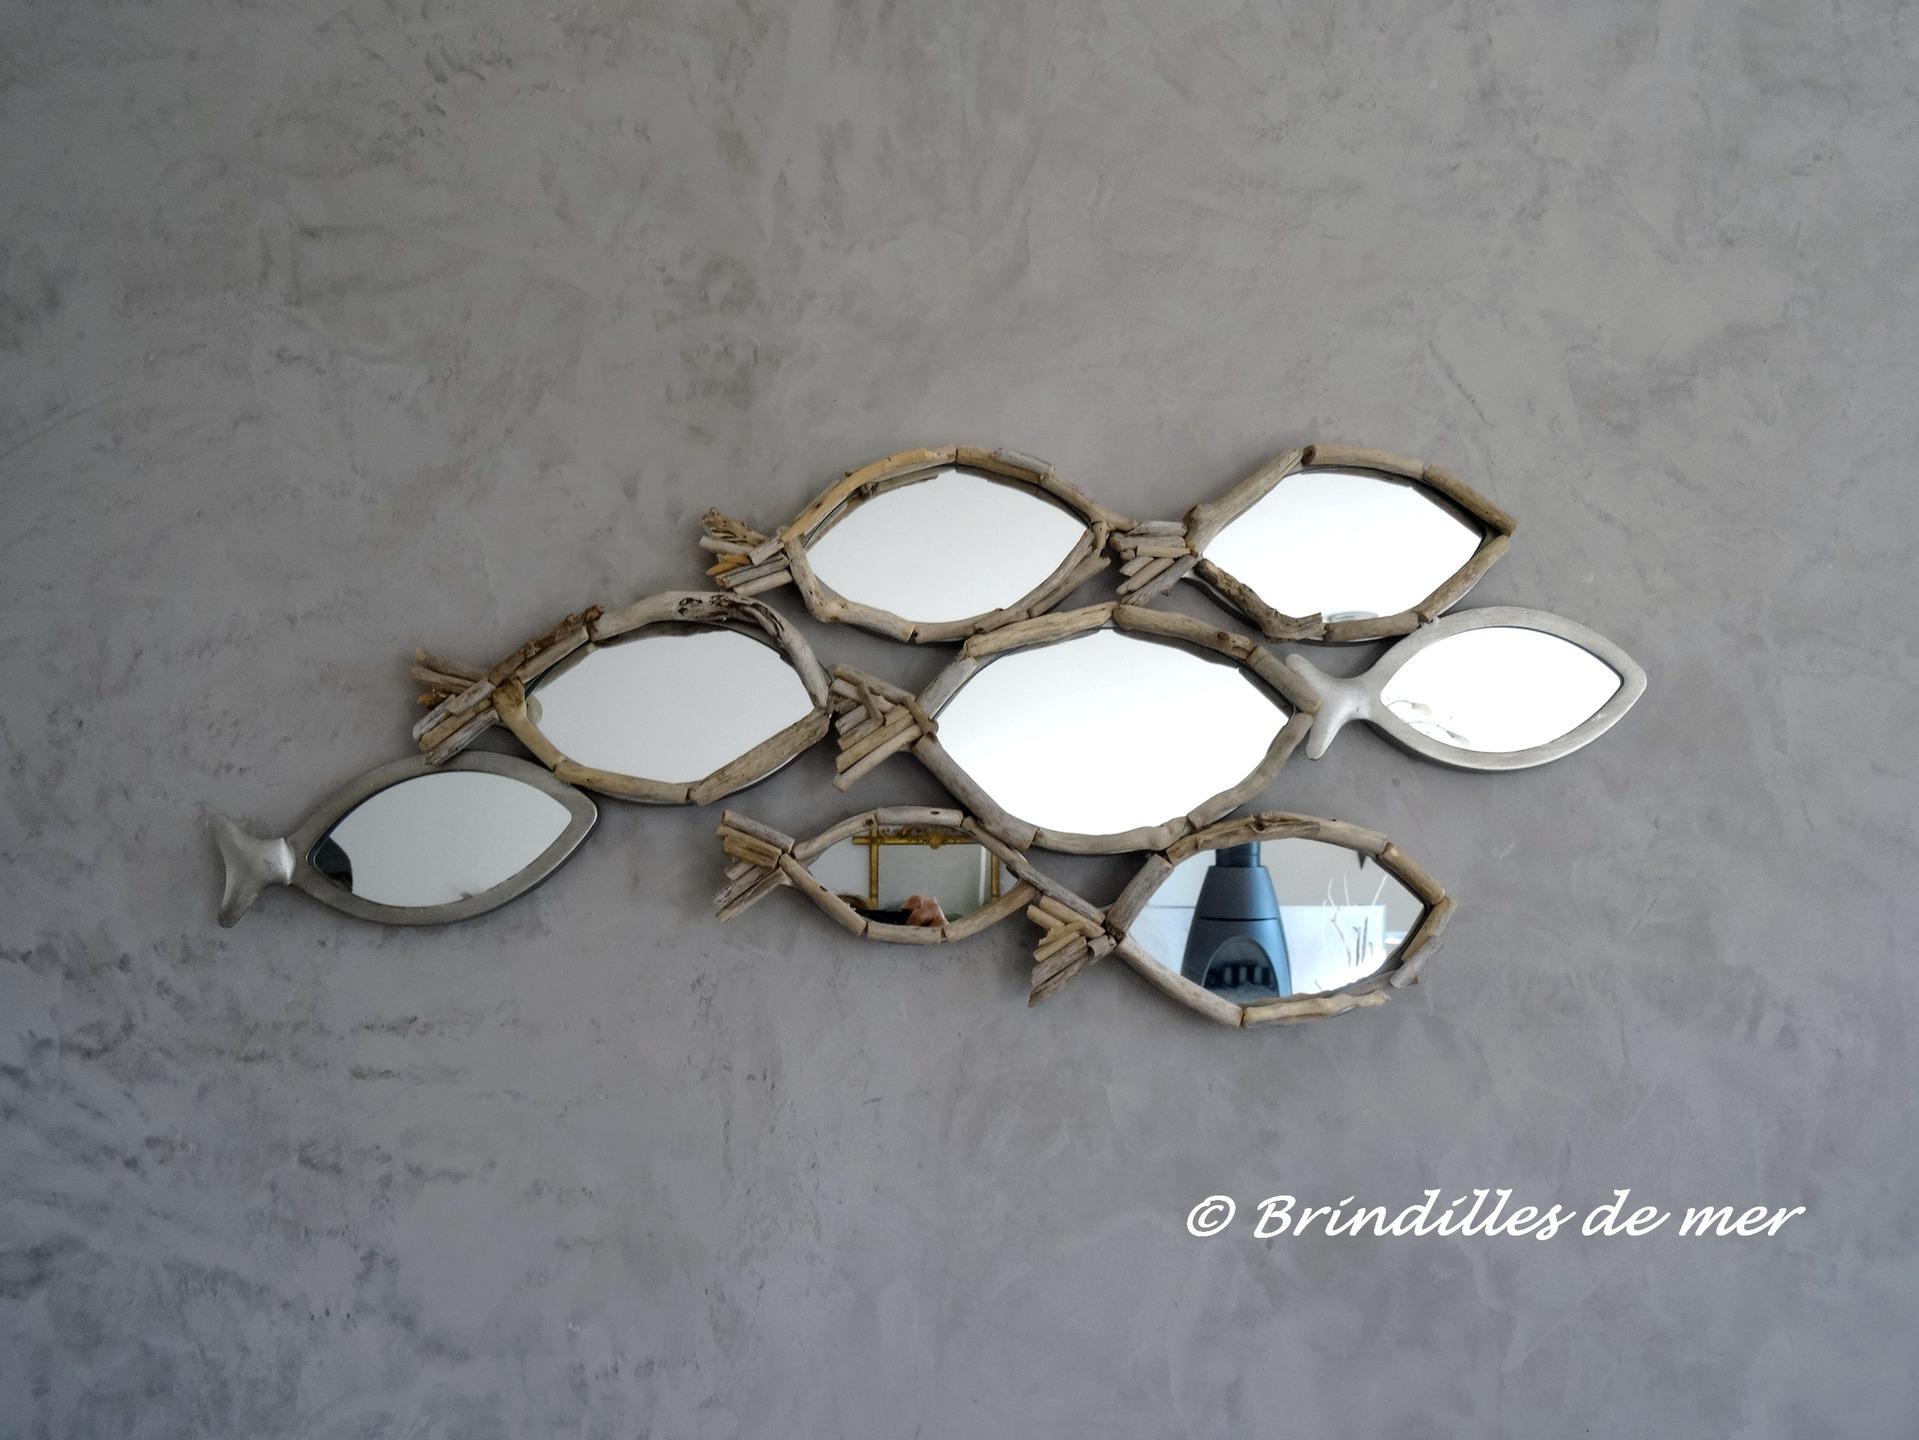 Miroirs banc de poisson en m tal verre et bois flott for Miroir forme maison